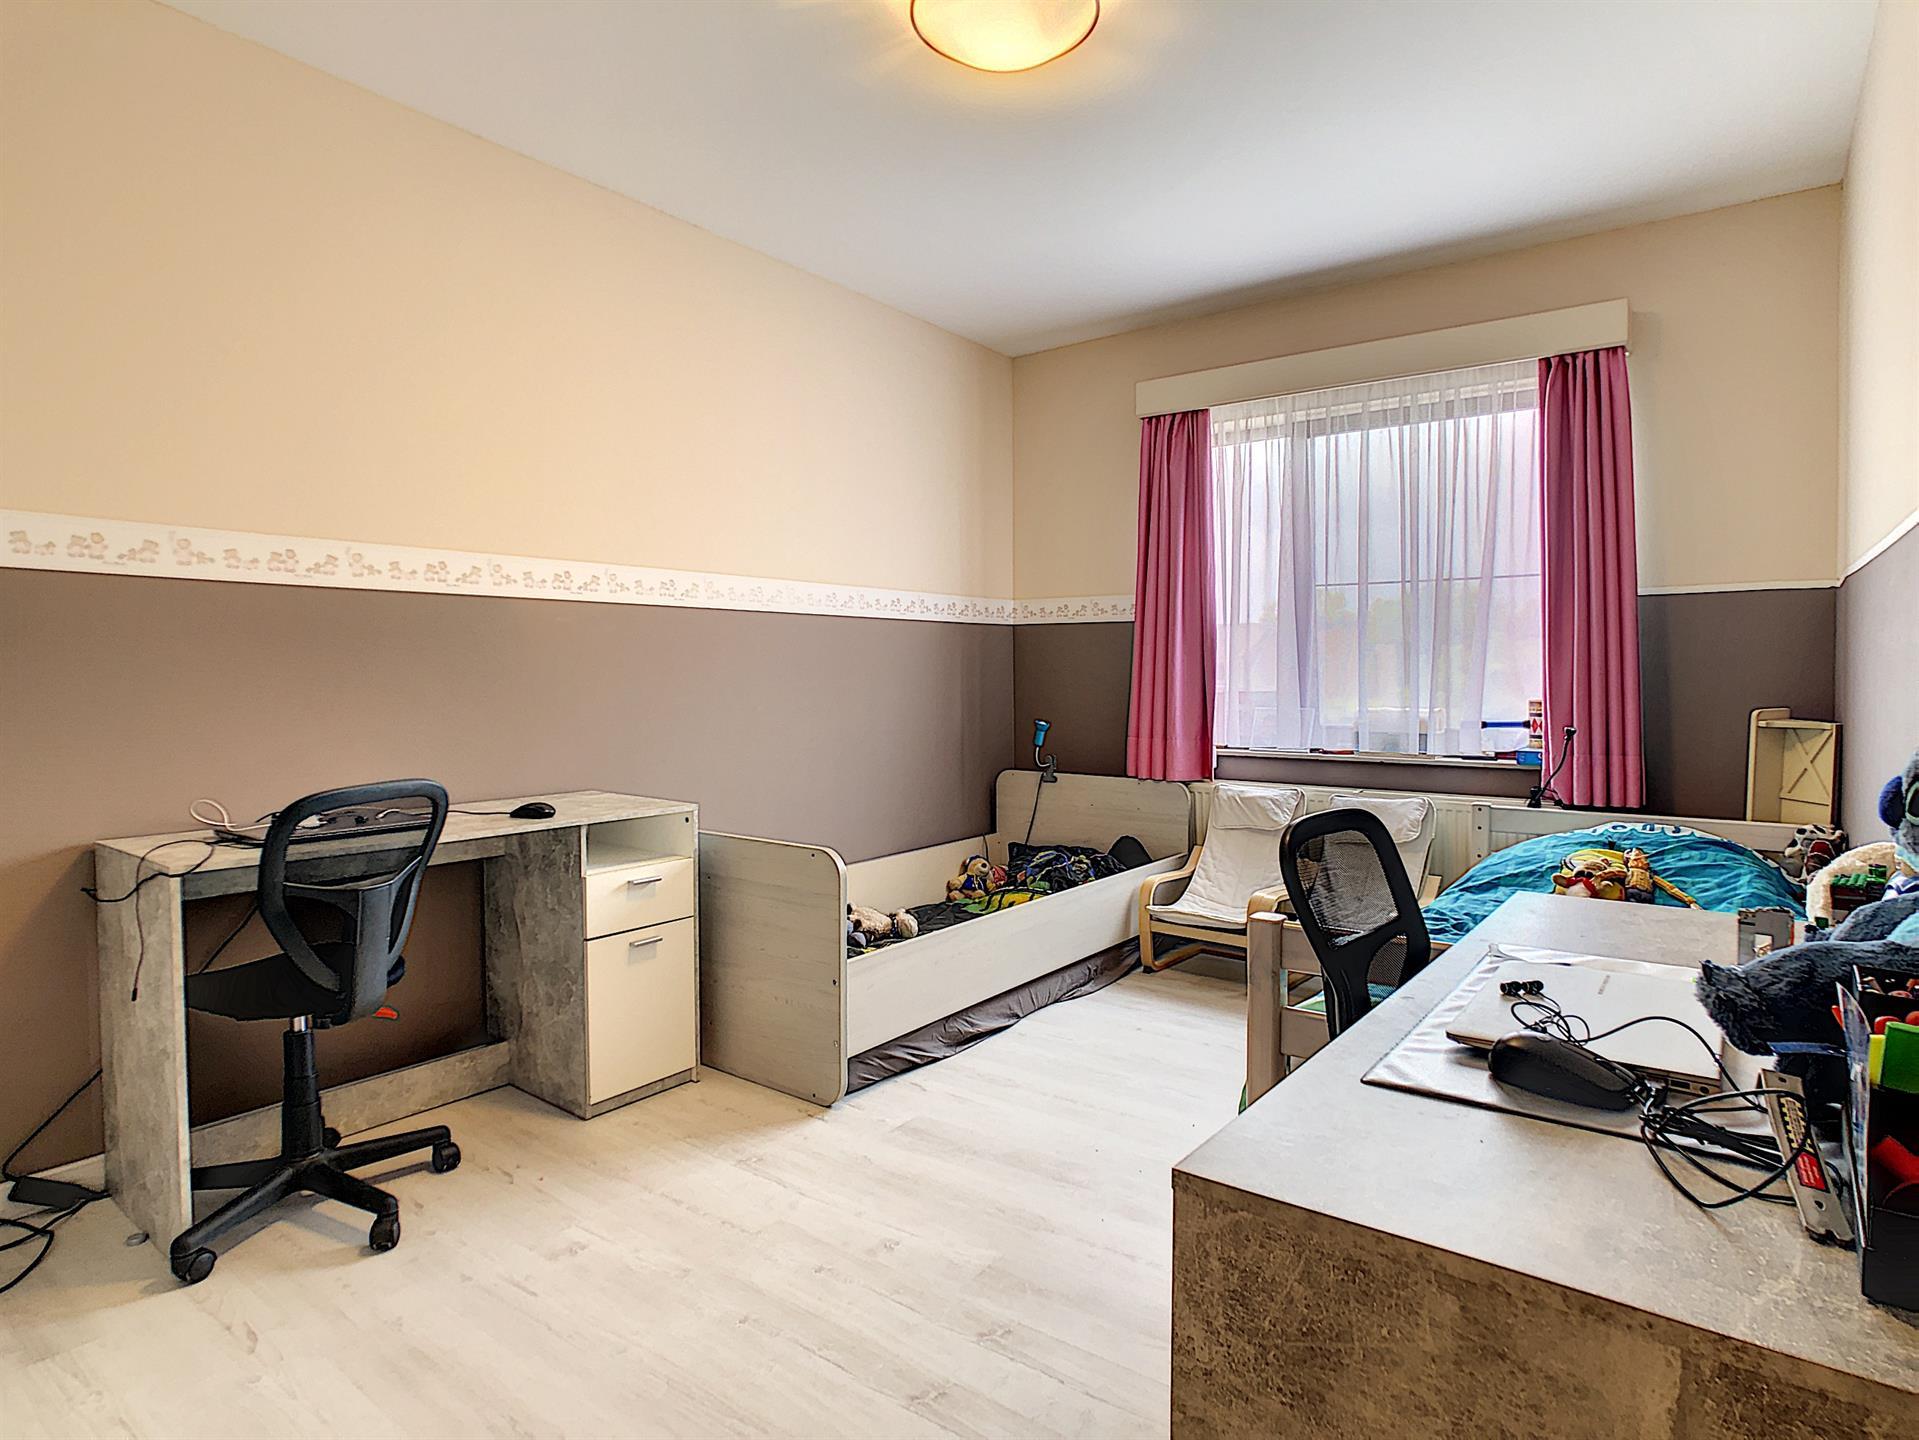 Bel-étage - Vilvoorde - #4419274-5